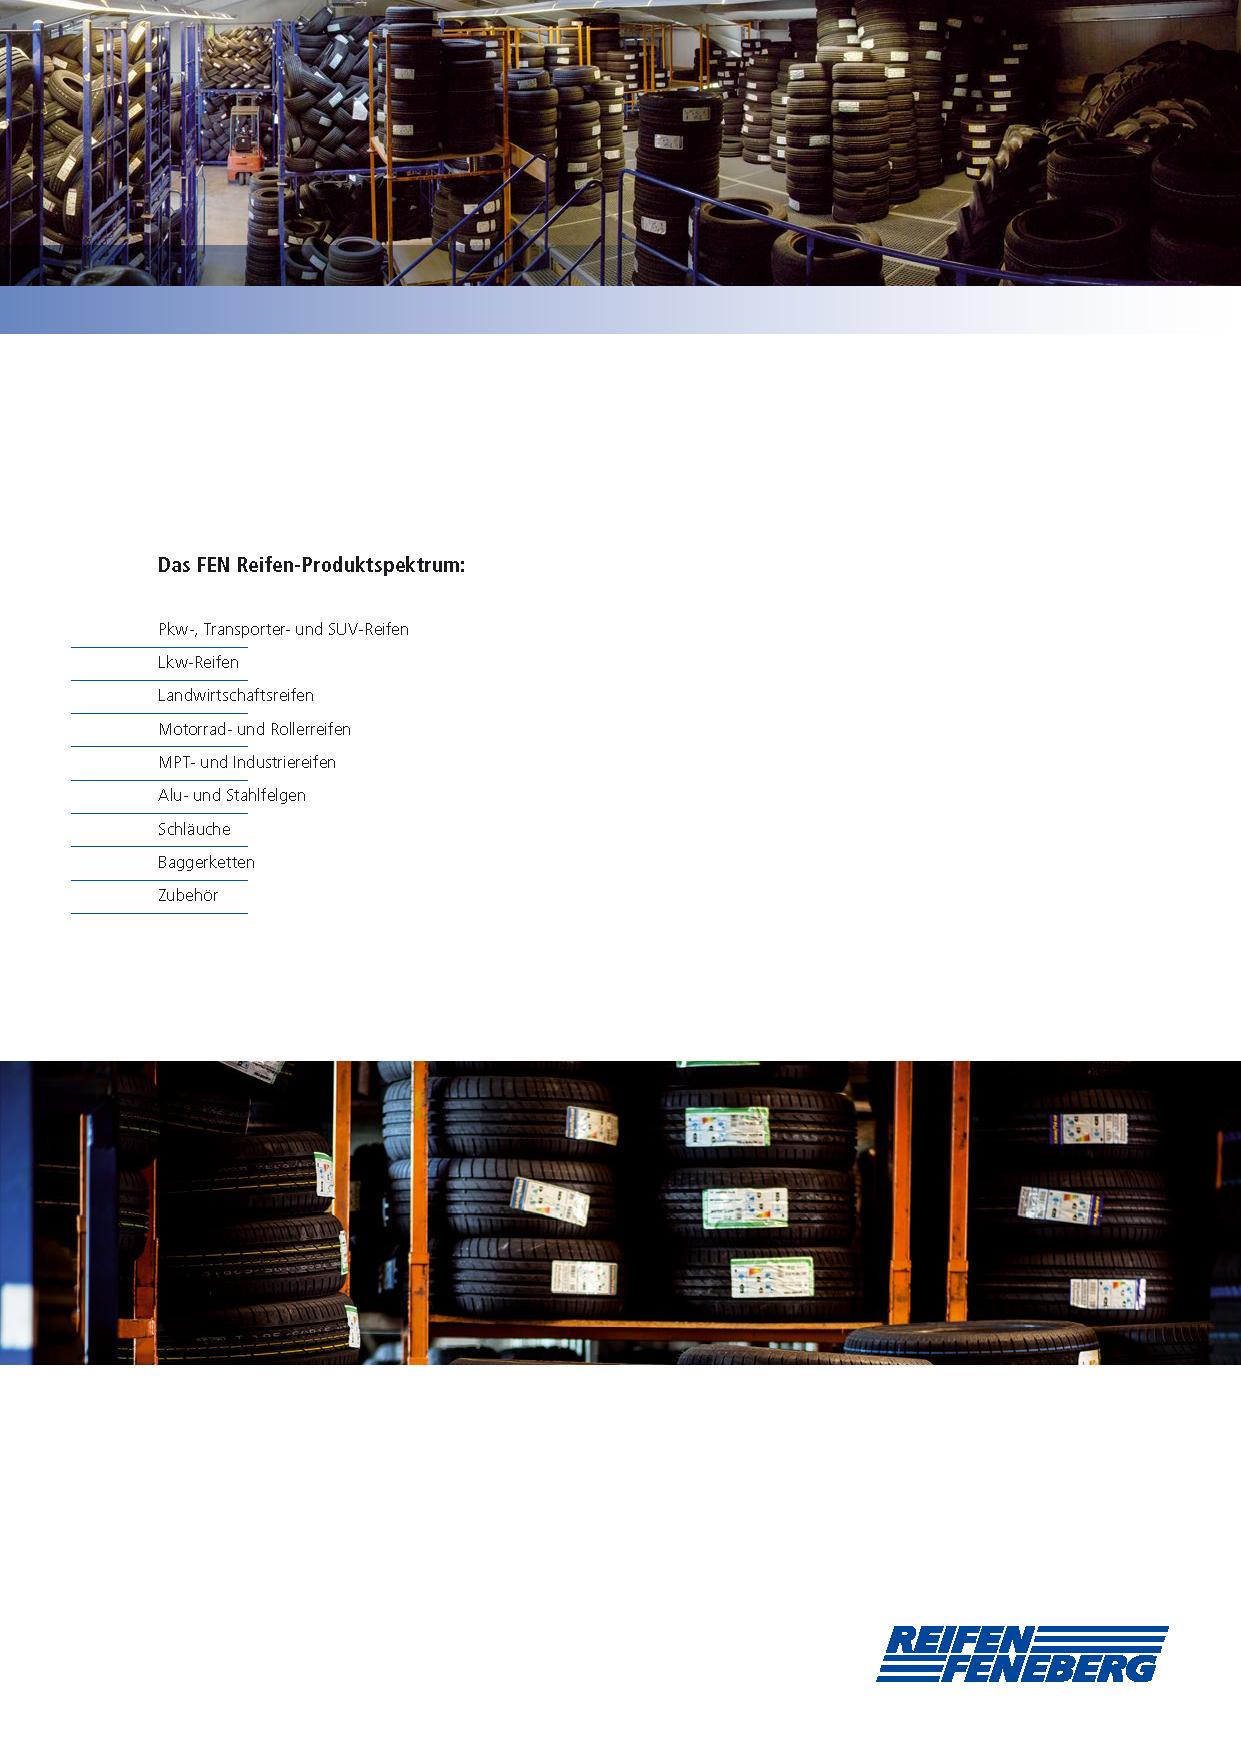 Reifen_Feneberg Imagebroschüre_Seite_15